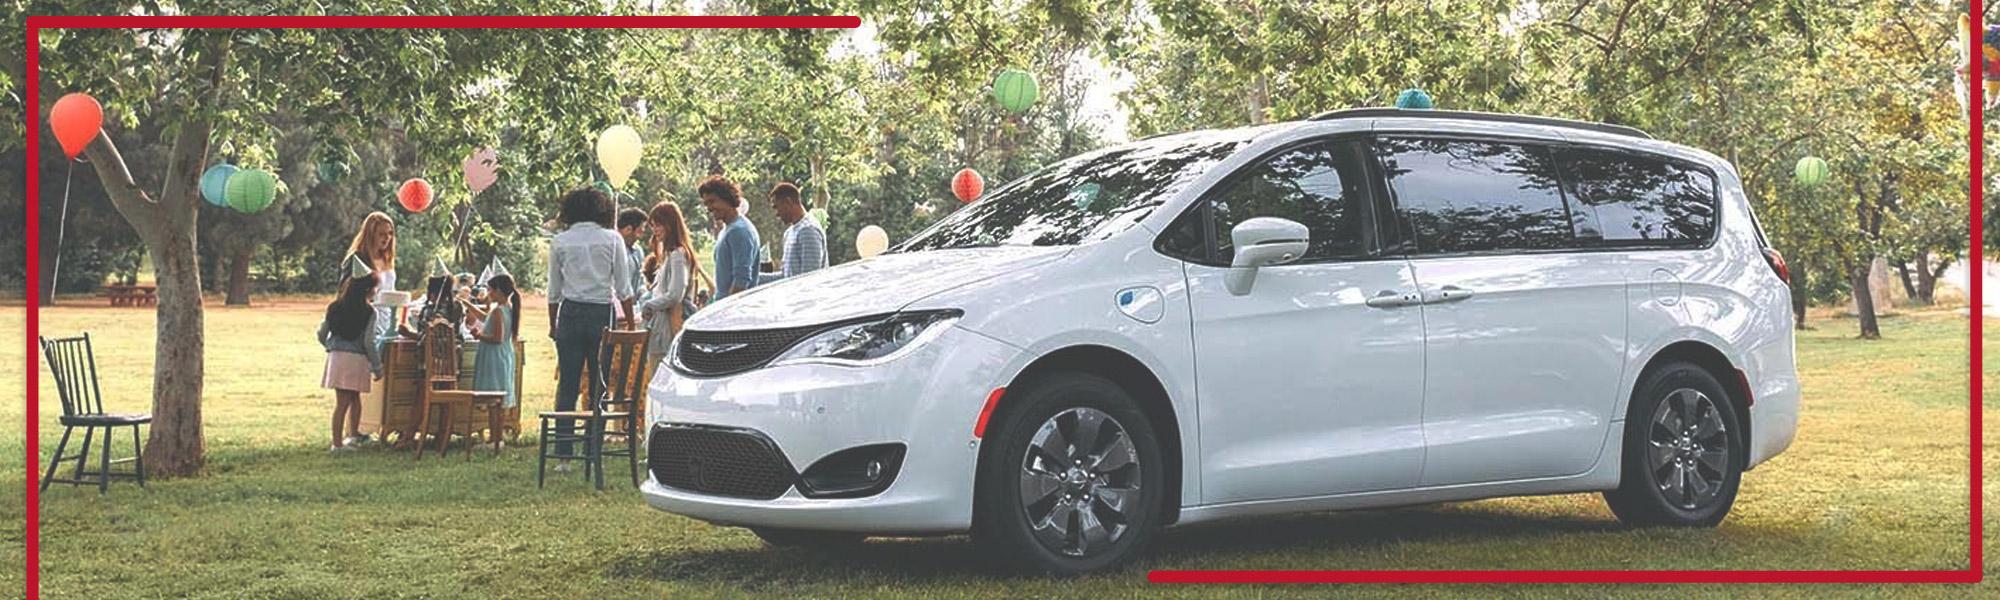 Chrysler dealer PA